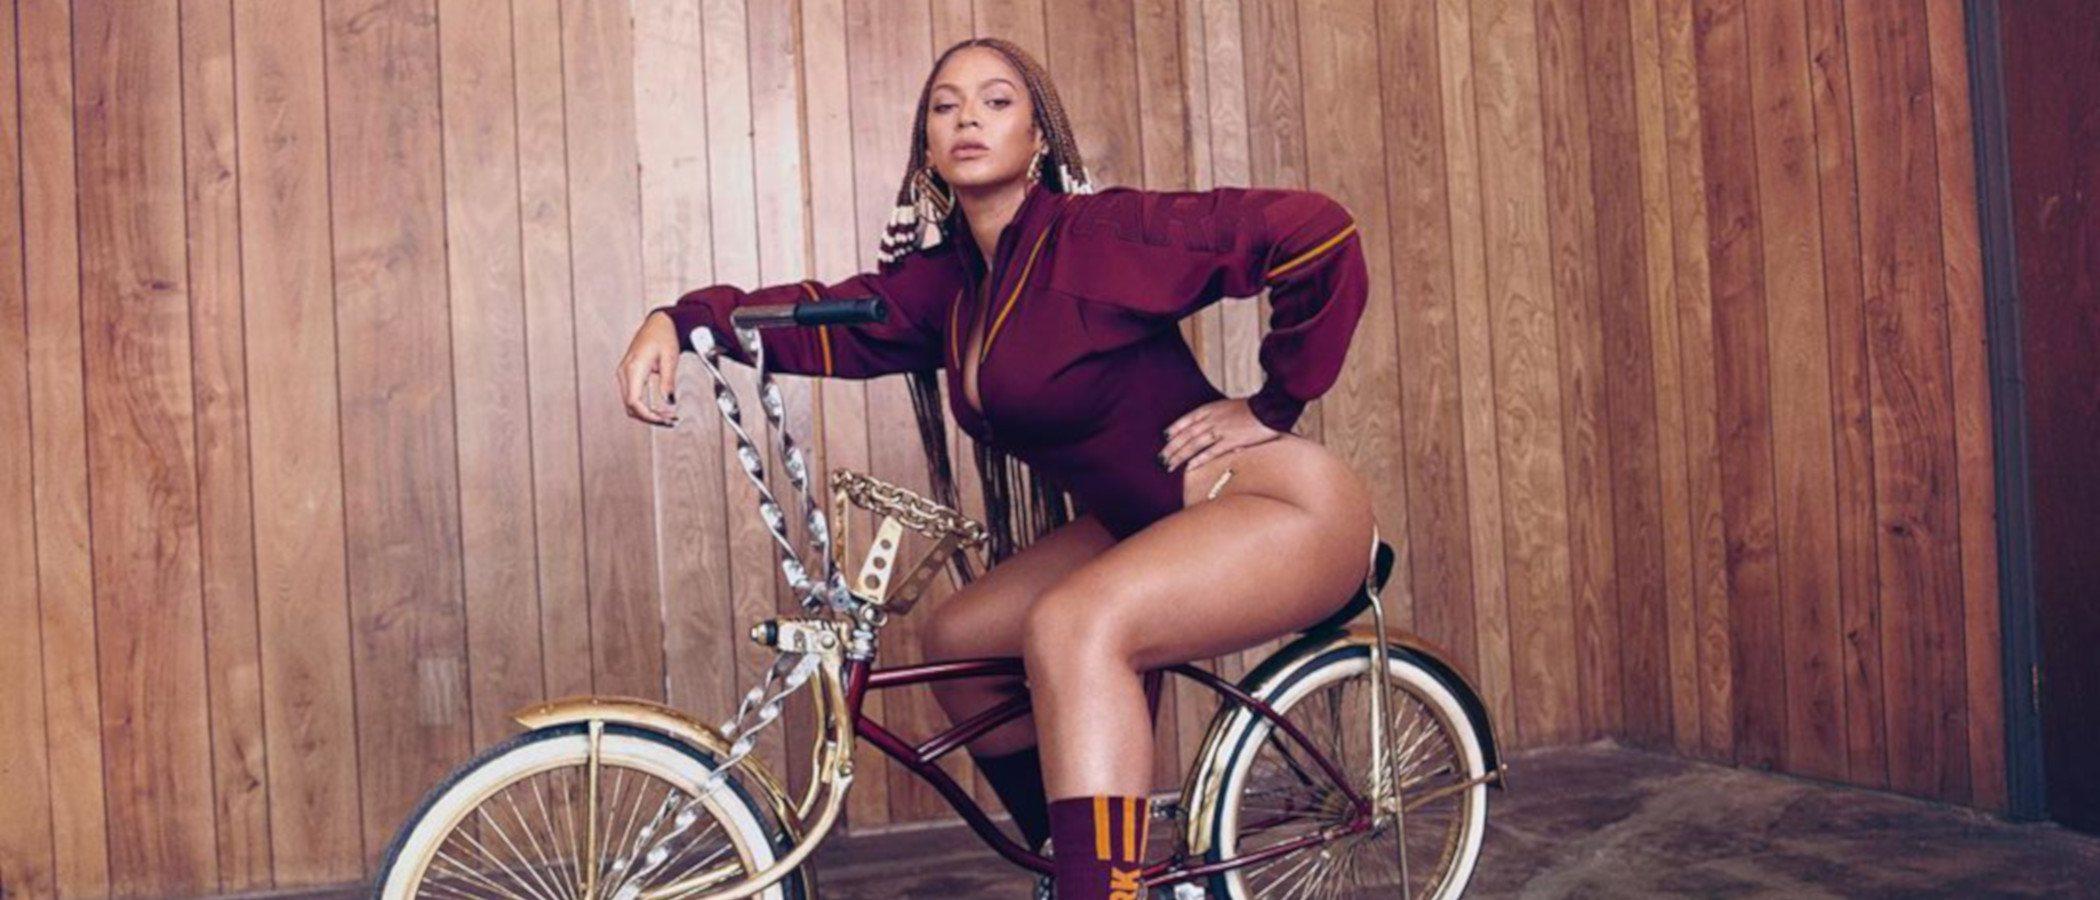 La colección cápsula de Beyoncé y Adidas arrasa en tiempo récord